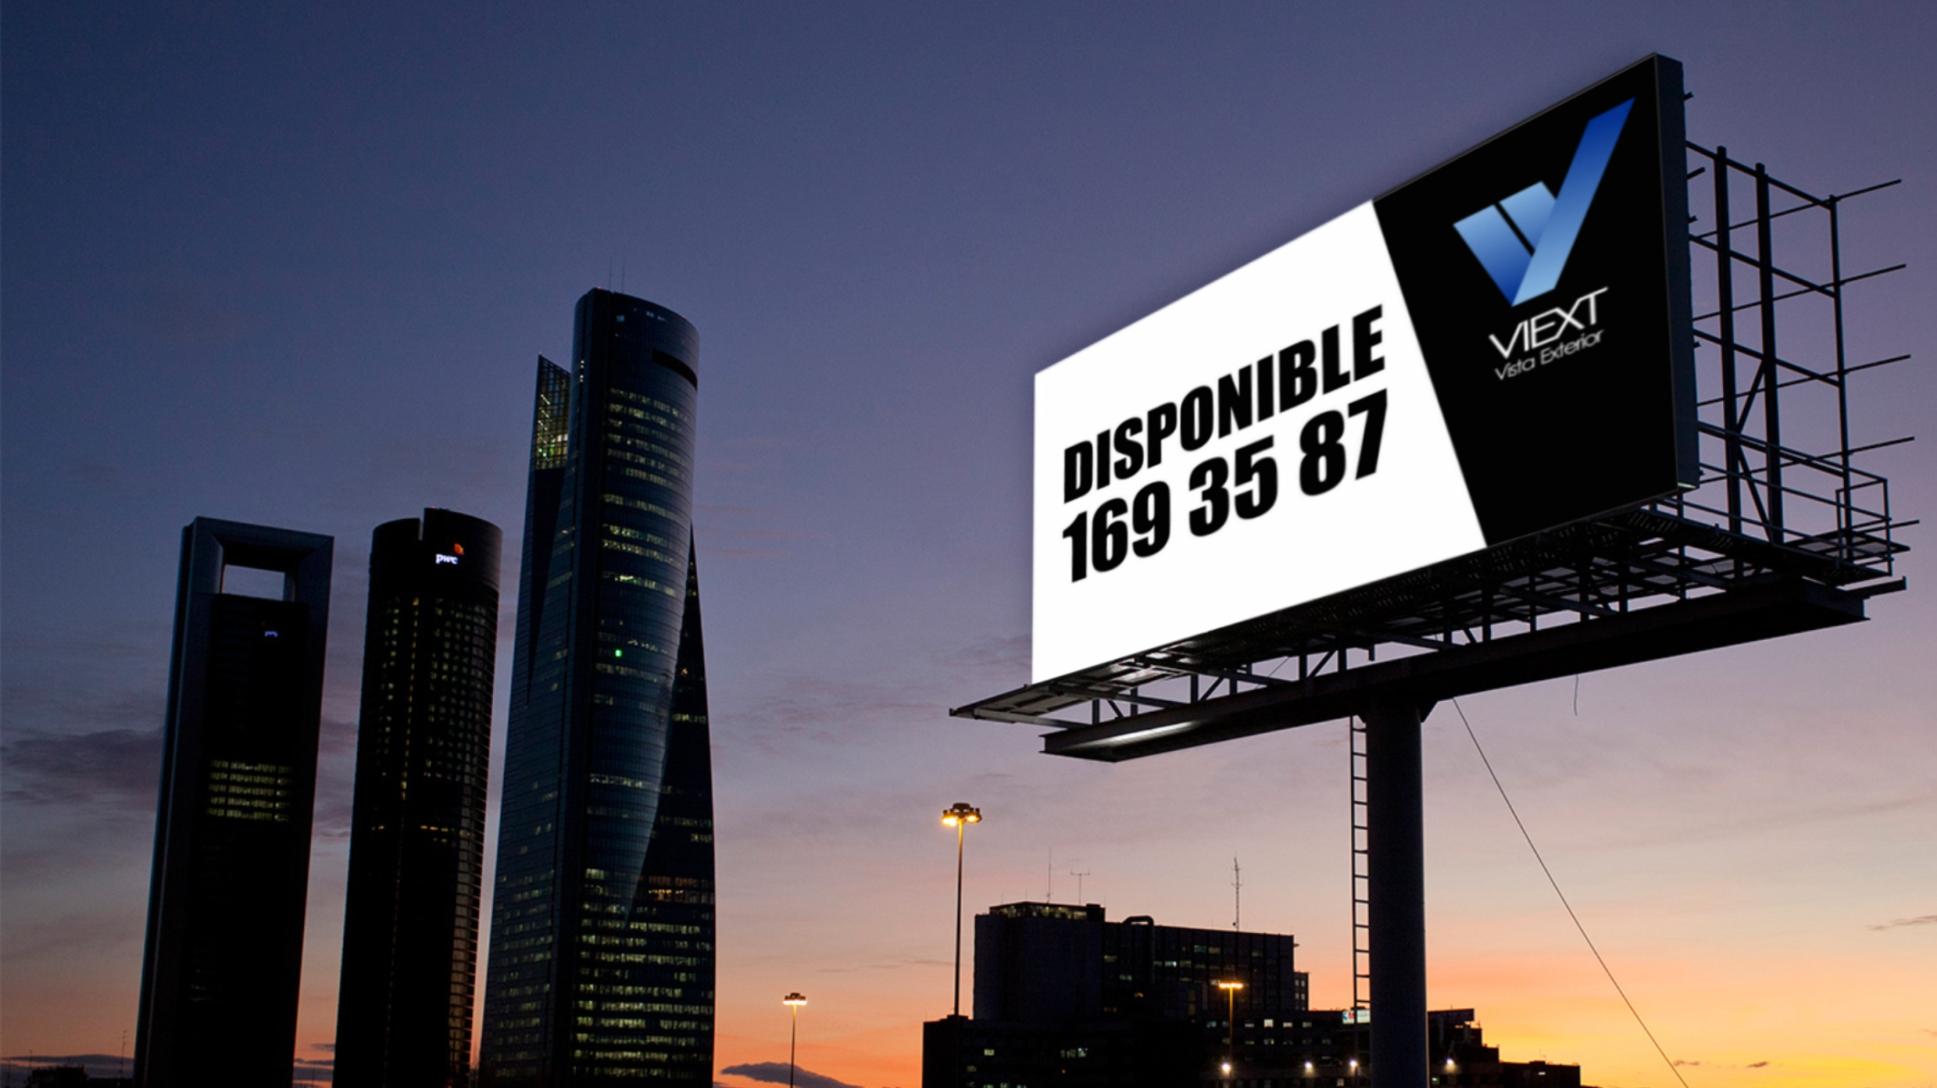 anuncios espectaculares y publicidad exterior en morelos